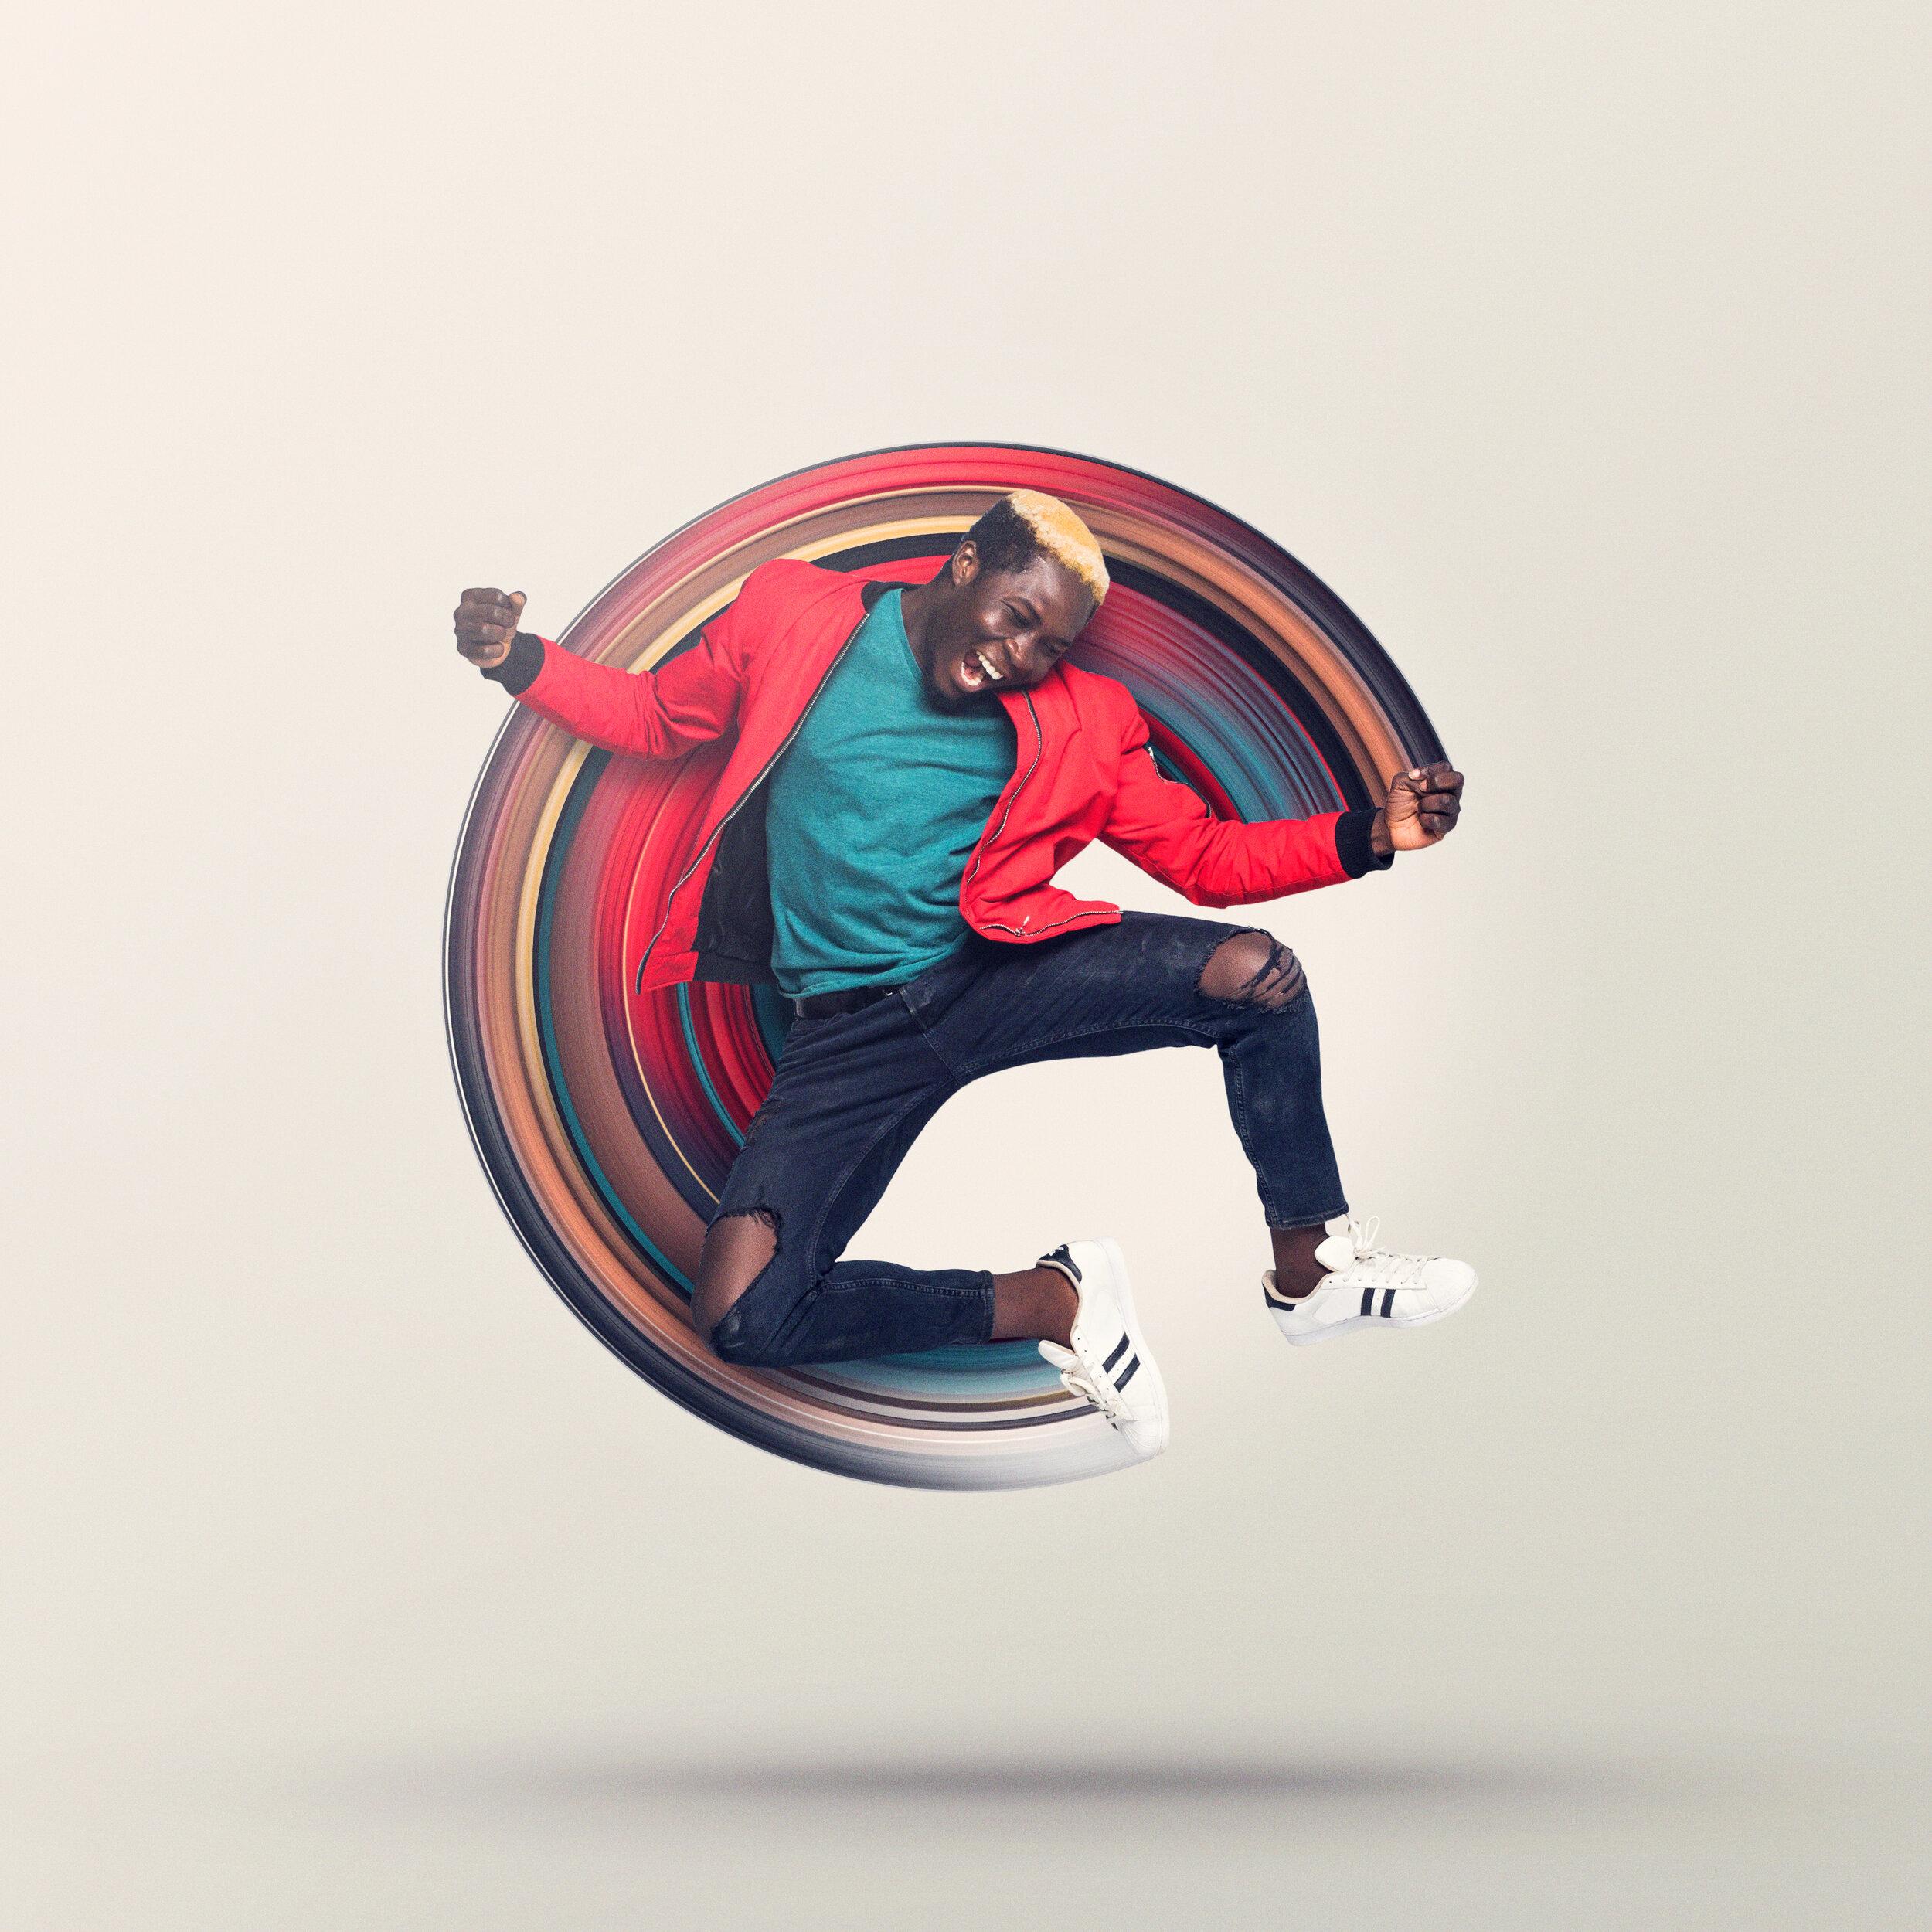 Circular Stretch Effect